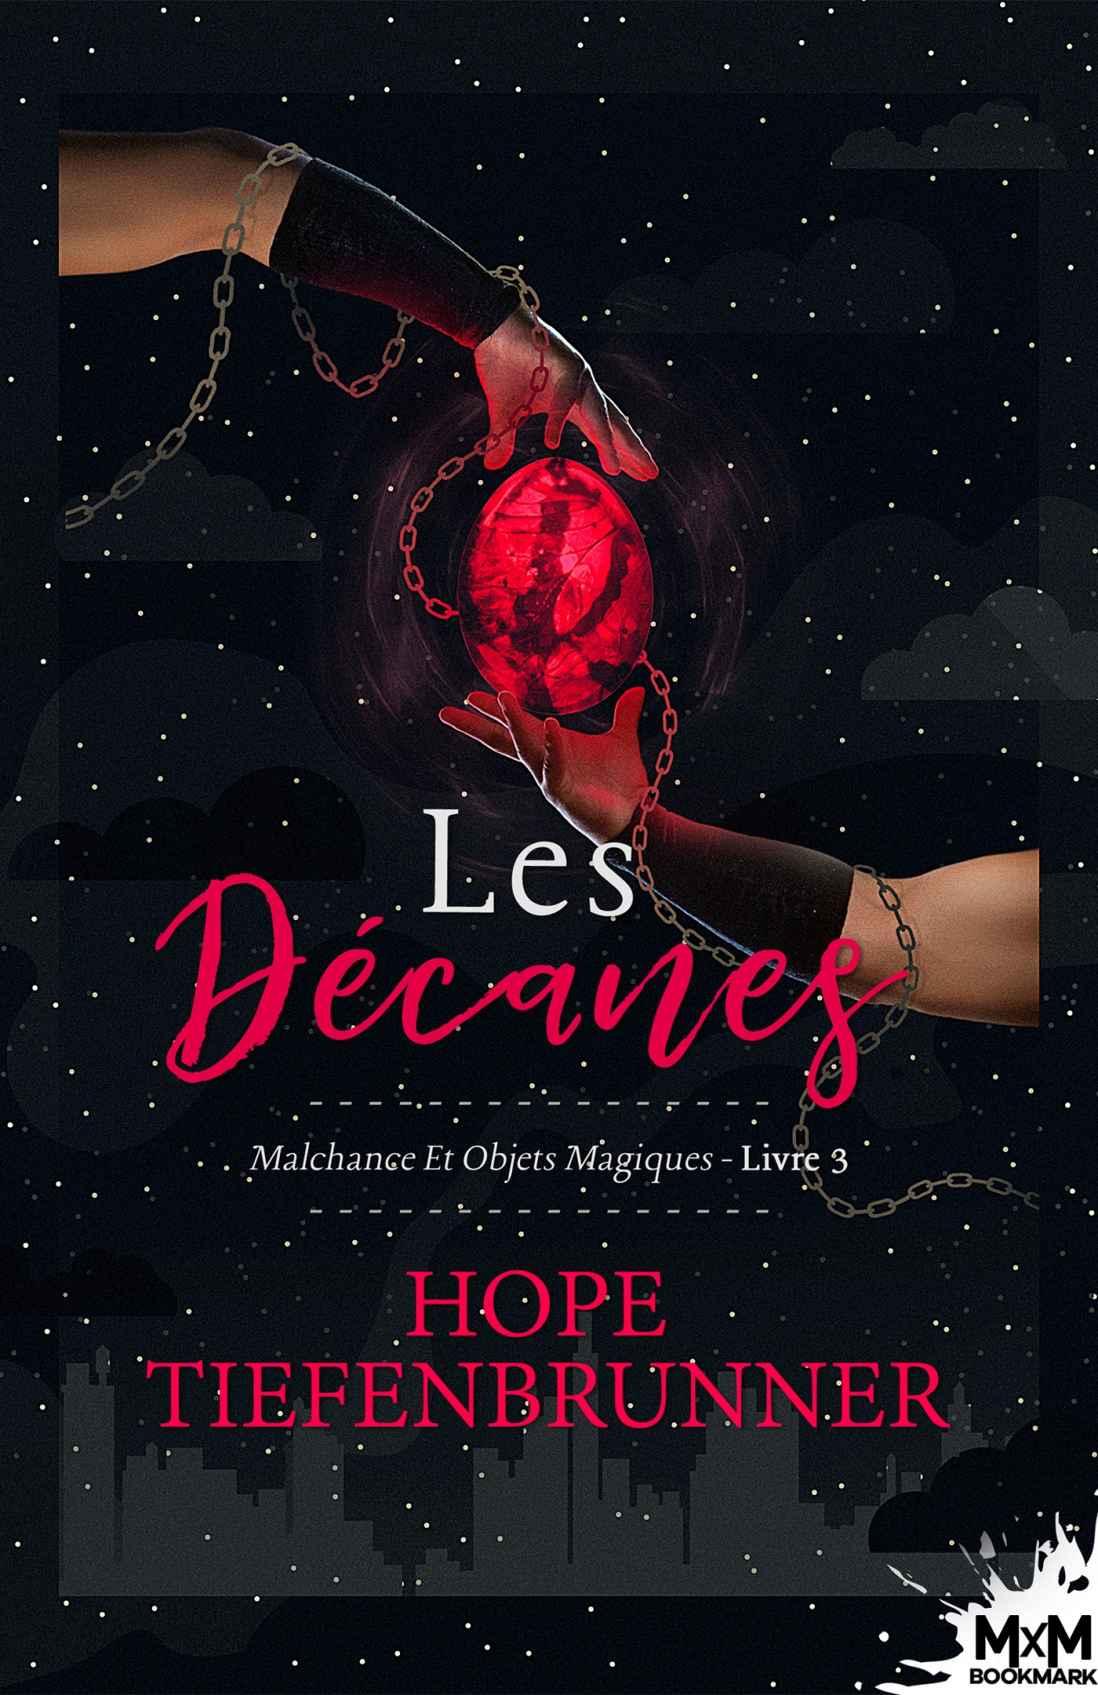 TIEFENBRUNNER Hope - Les Décanes: Malchance et objets magiques t 3 1705101500